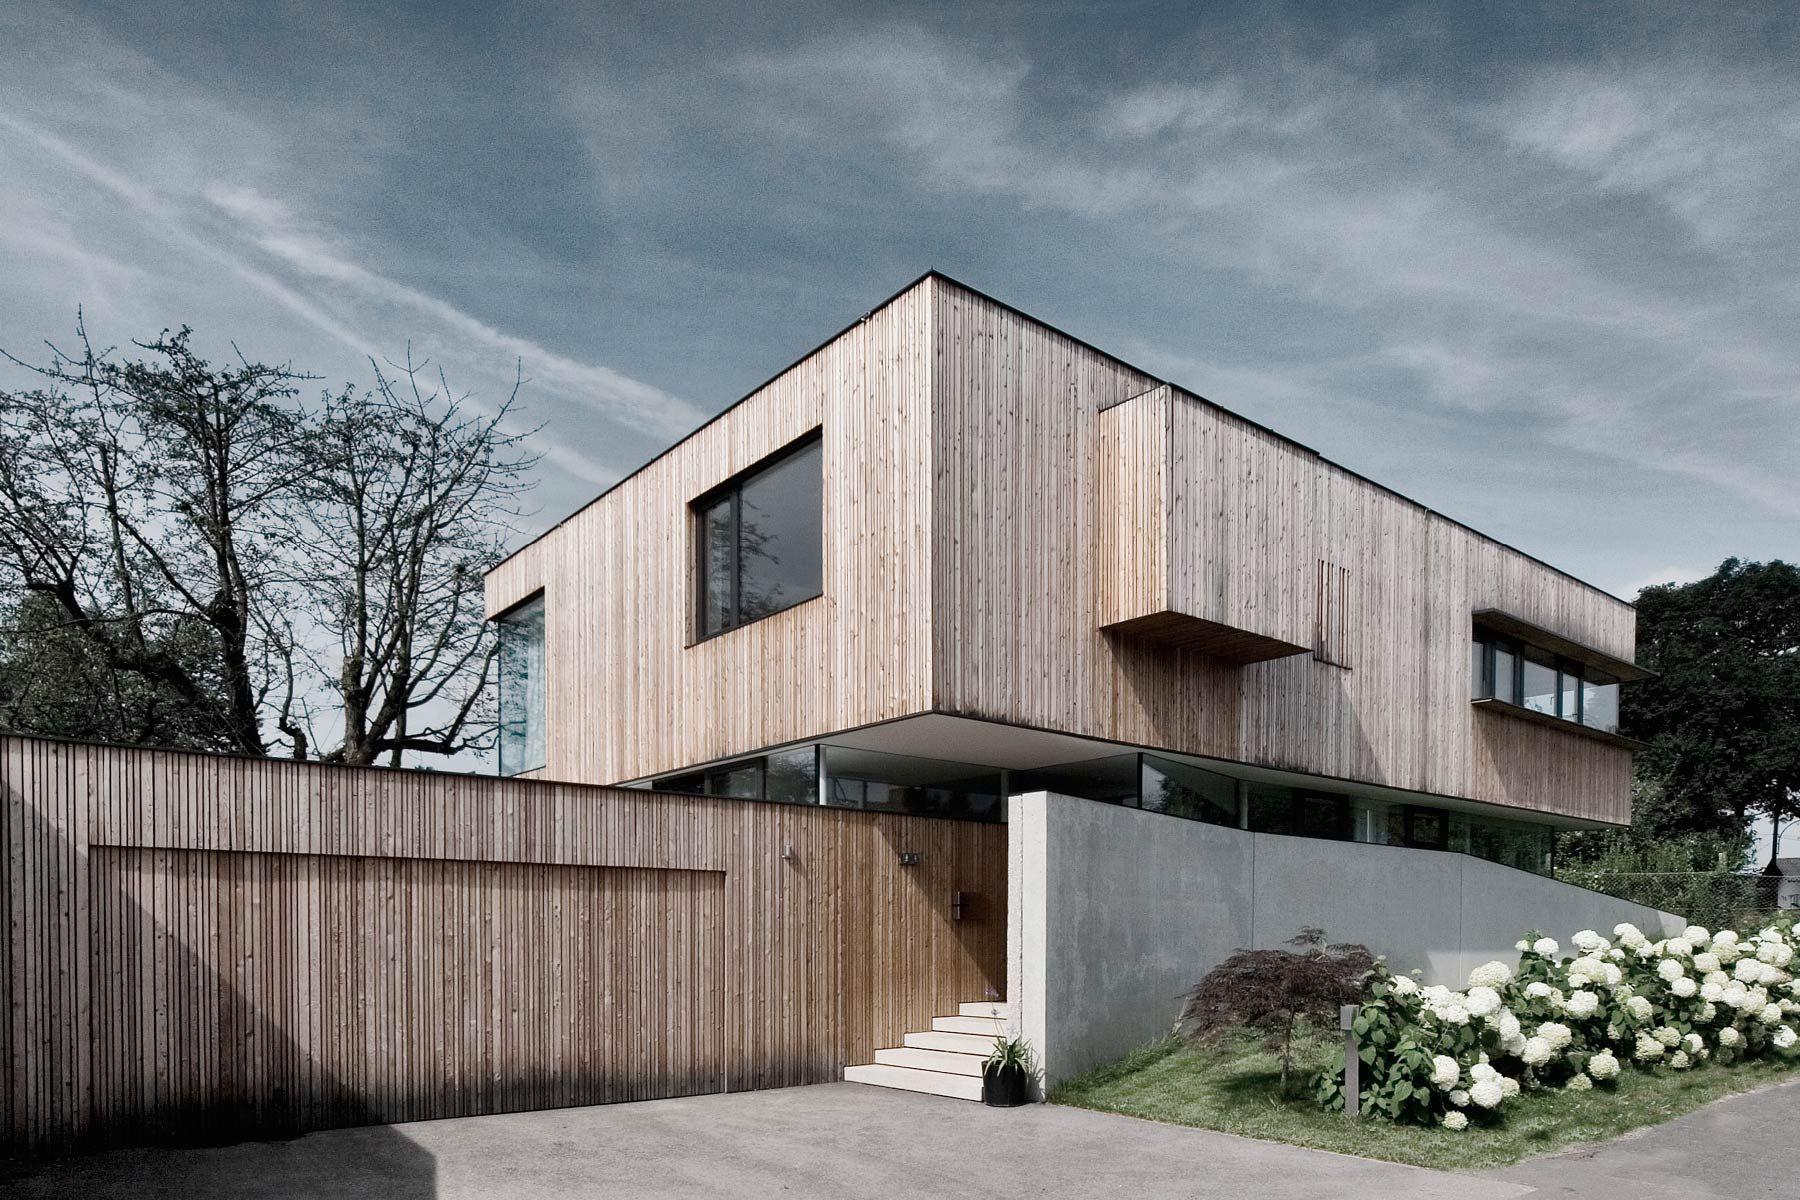 Pin von carl auf Einfamilienhaus | Pinterest | Architektur, Fassaden ...